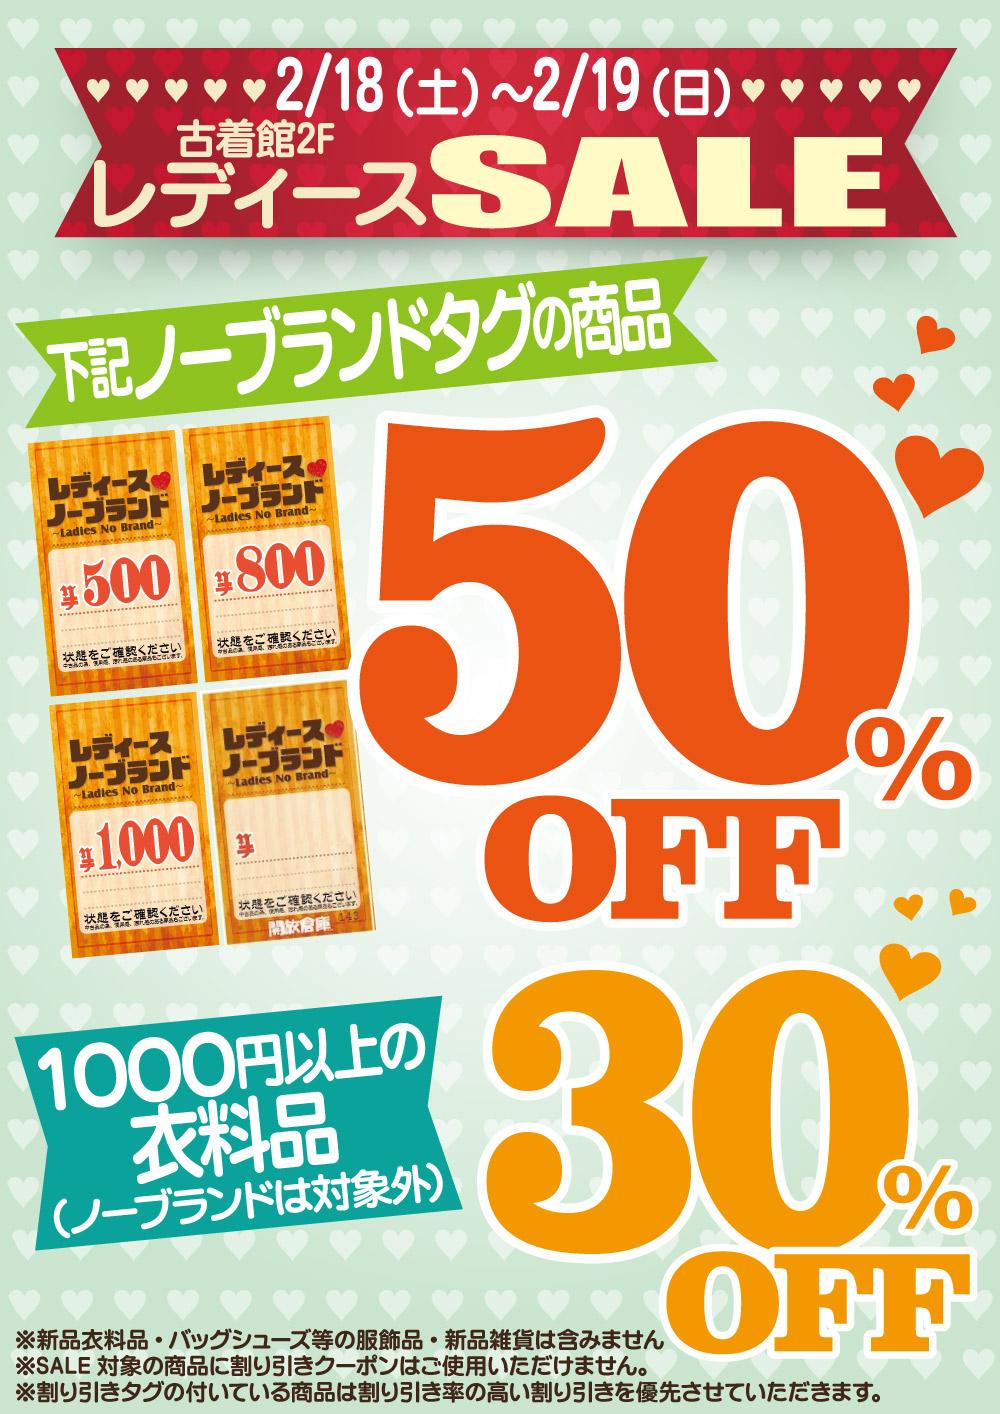 「開放倉庫山城店」古着館2017年2月18日、19日限定!レディース古着50パーセントOFF!